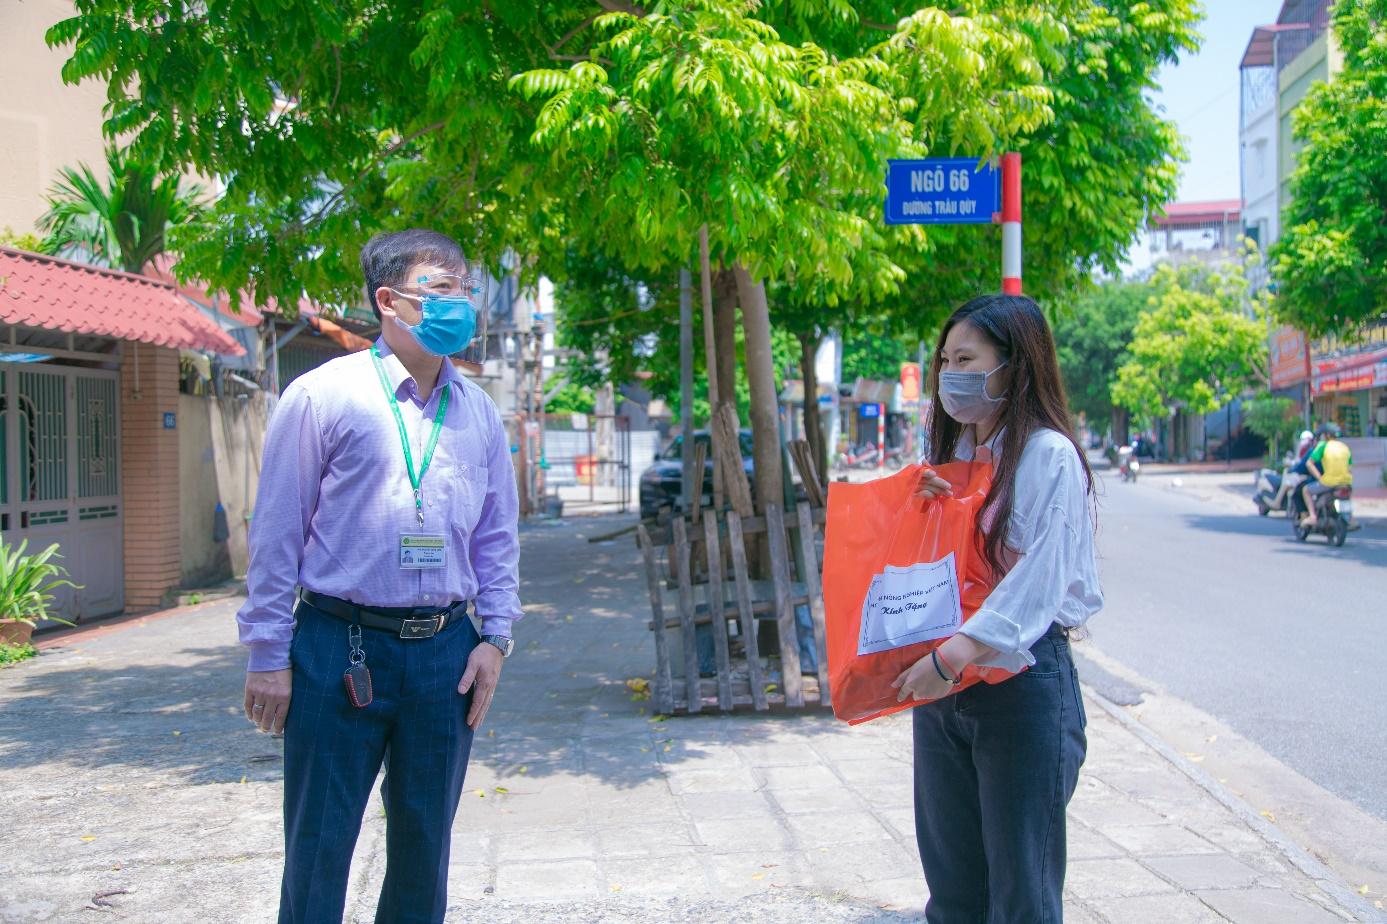 Học viện Nông nghiệp Việt Nam đồng hành cùng cán bộ, viên chức, sinh viên vượt qua dịch bệnh Covid-19 - Ảnh 6.